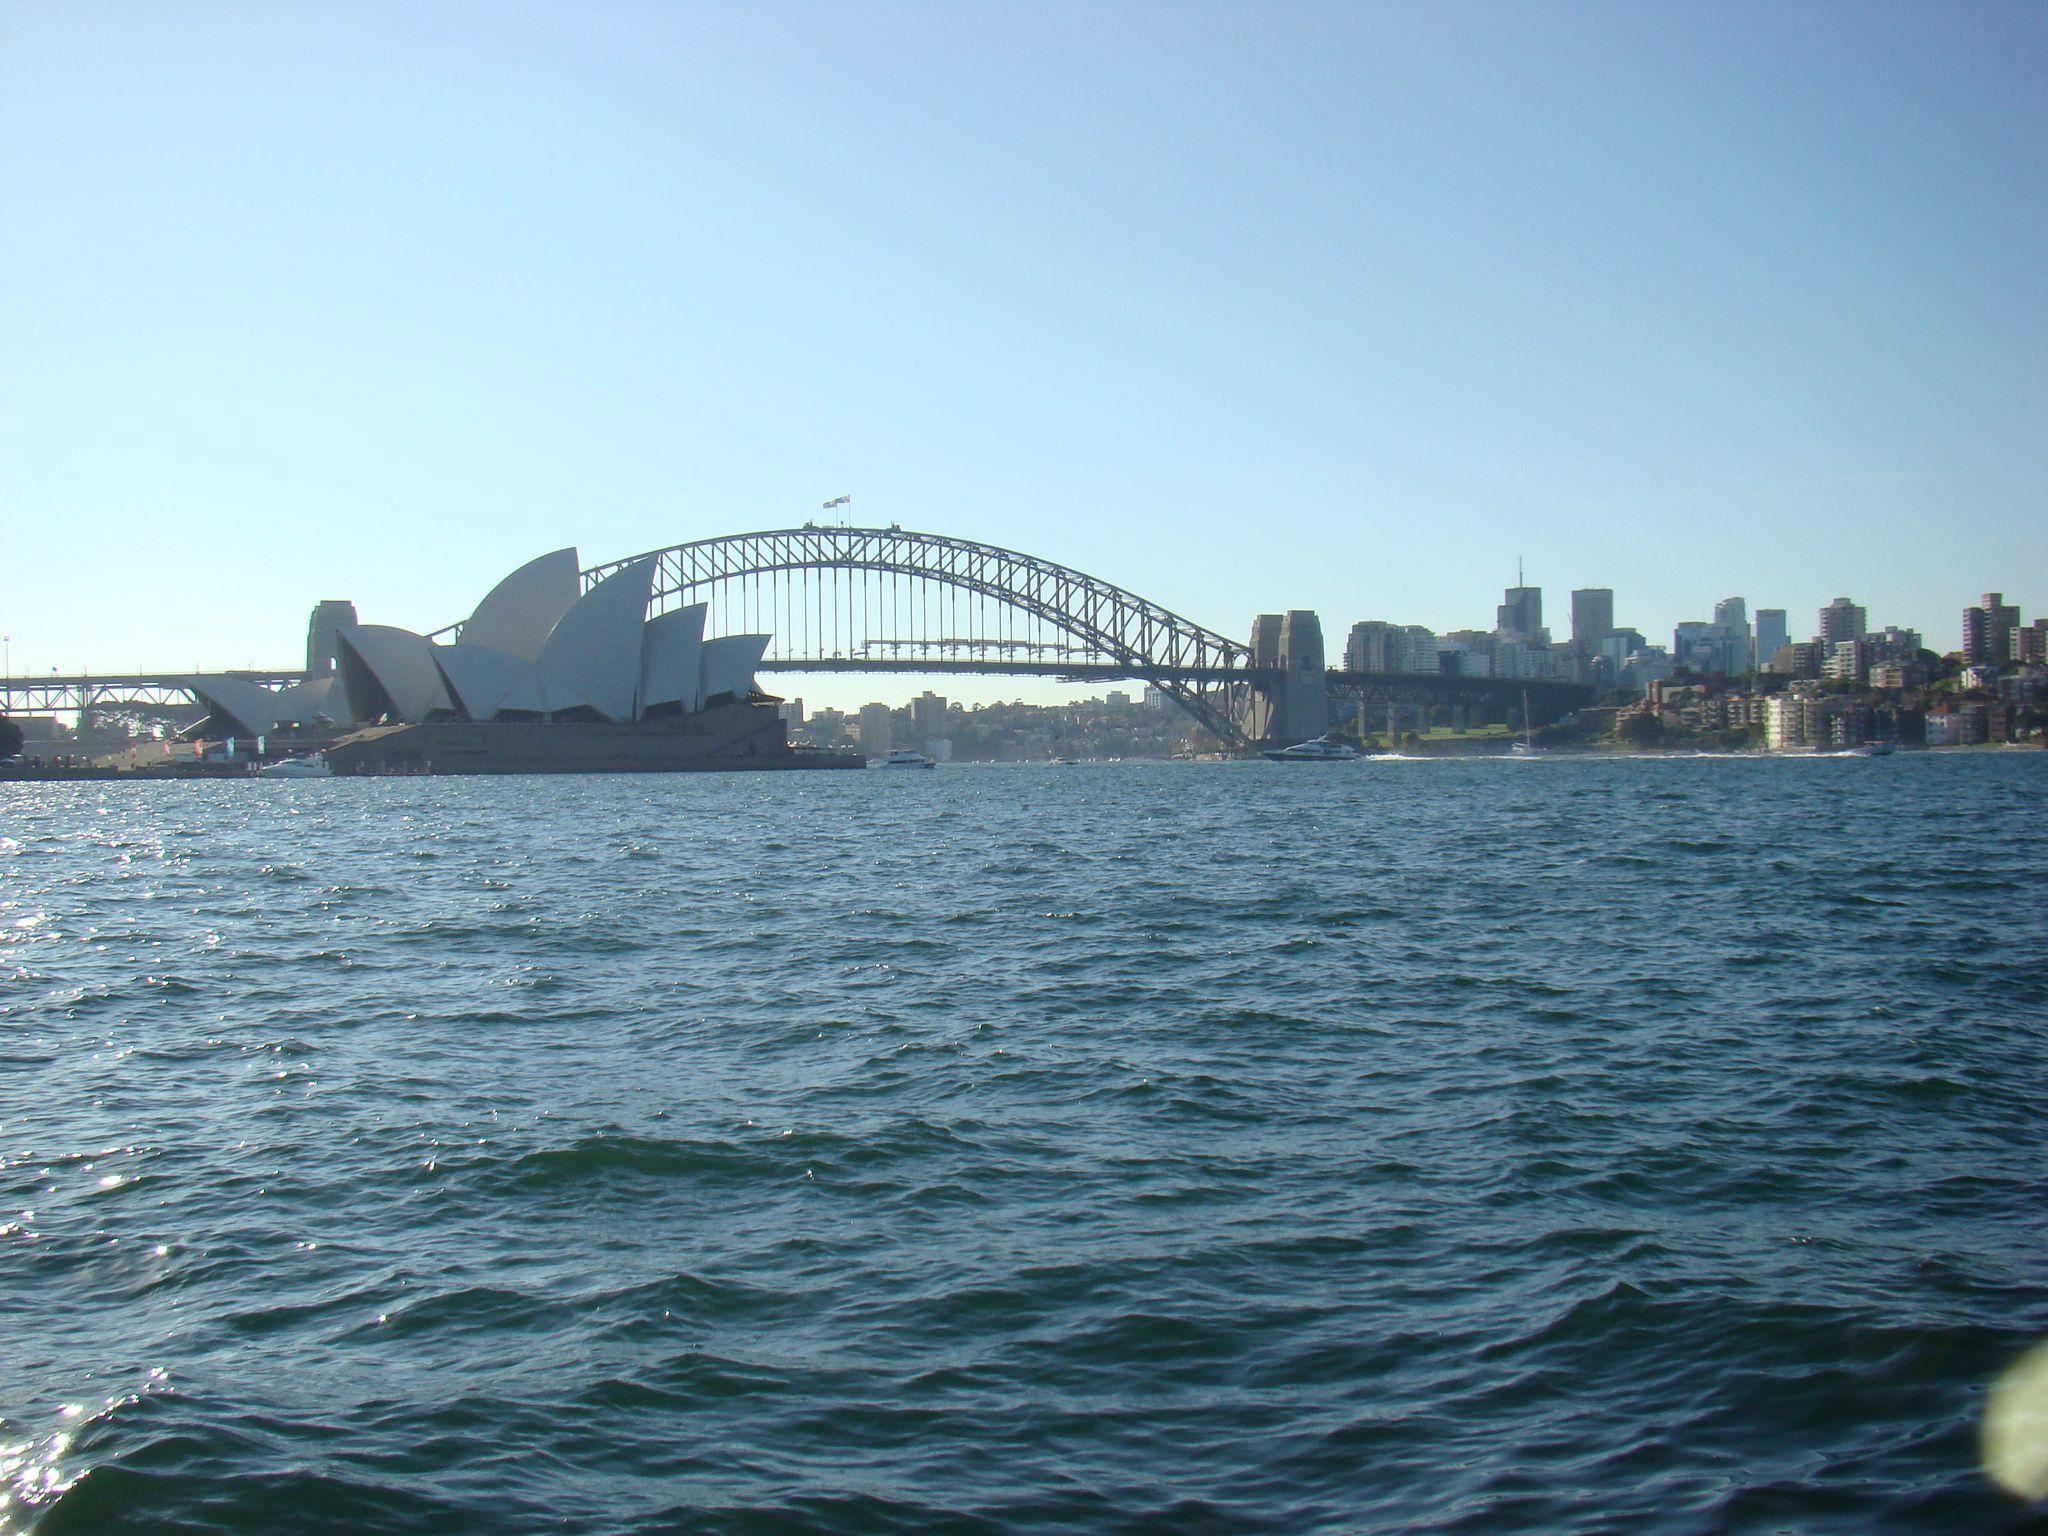 Sydney // Australien - Opernhaus & Habour Bridge